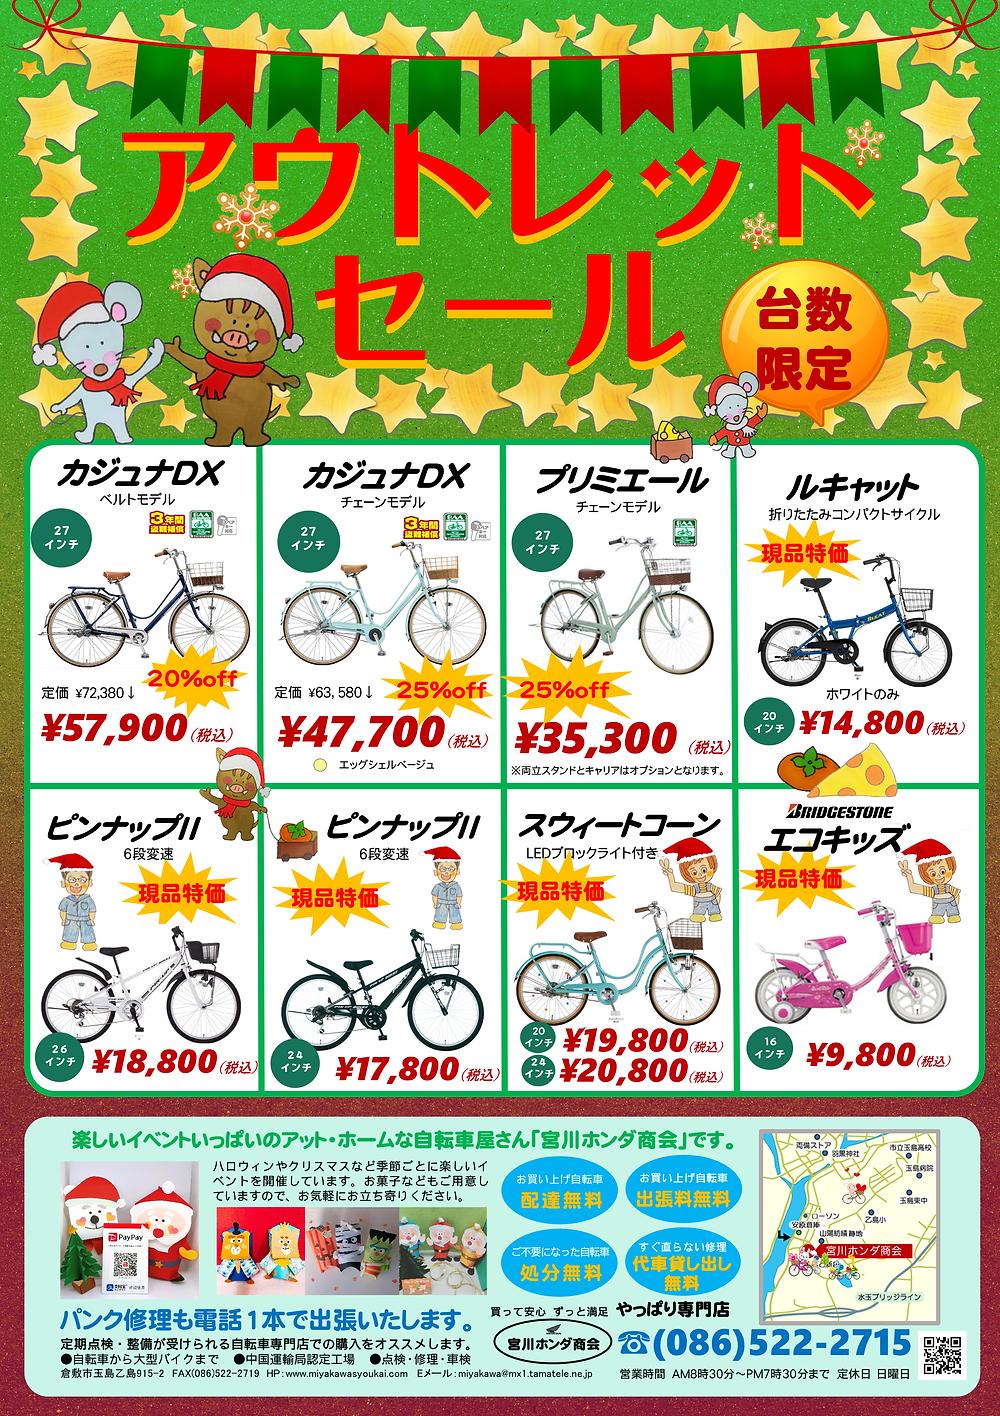 自転車セール情報(アウトレット)